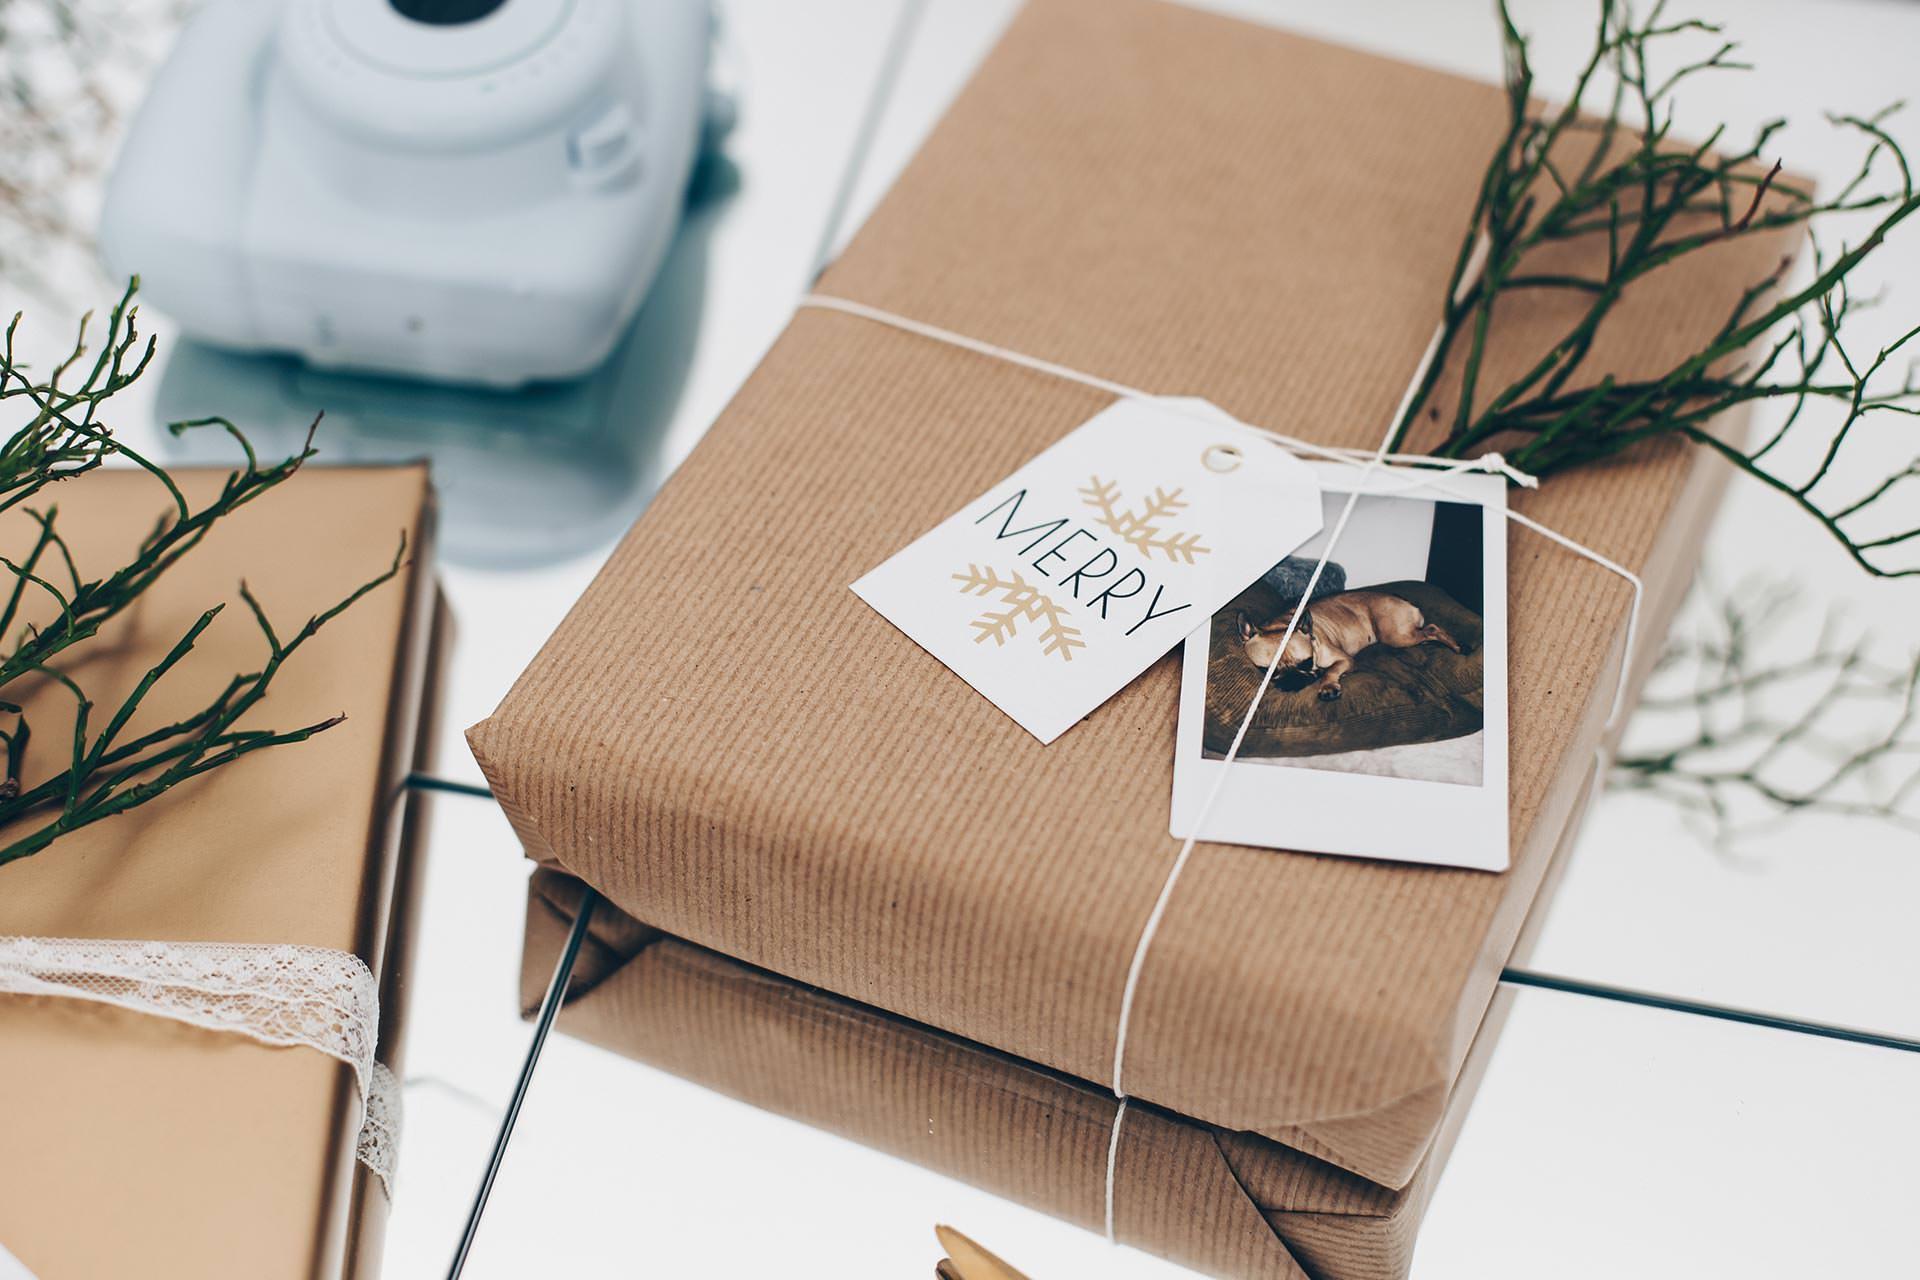 Ideen Für Geschenke  Einfache und kreative Geschenkverpackungen für Weihnachten